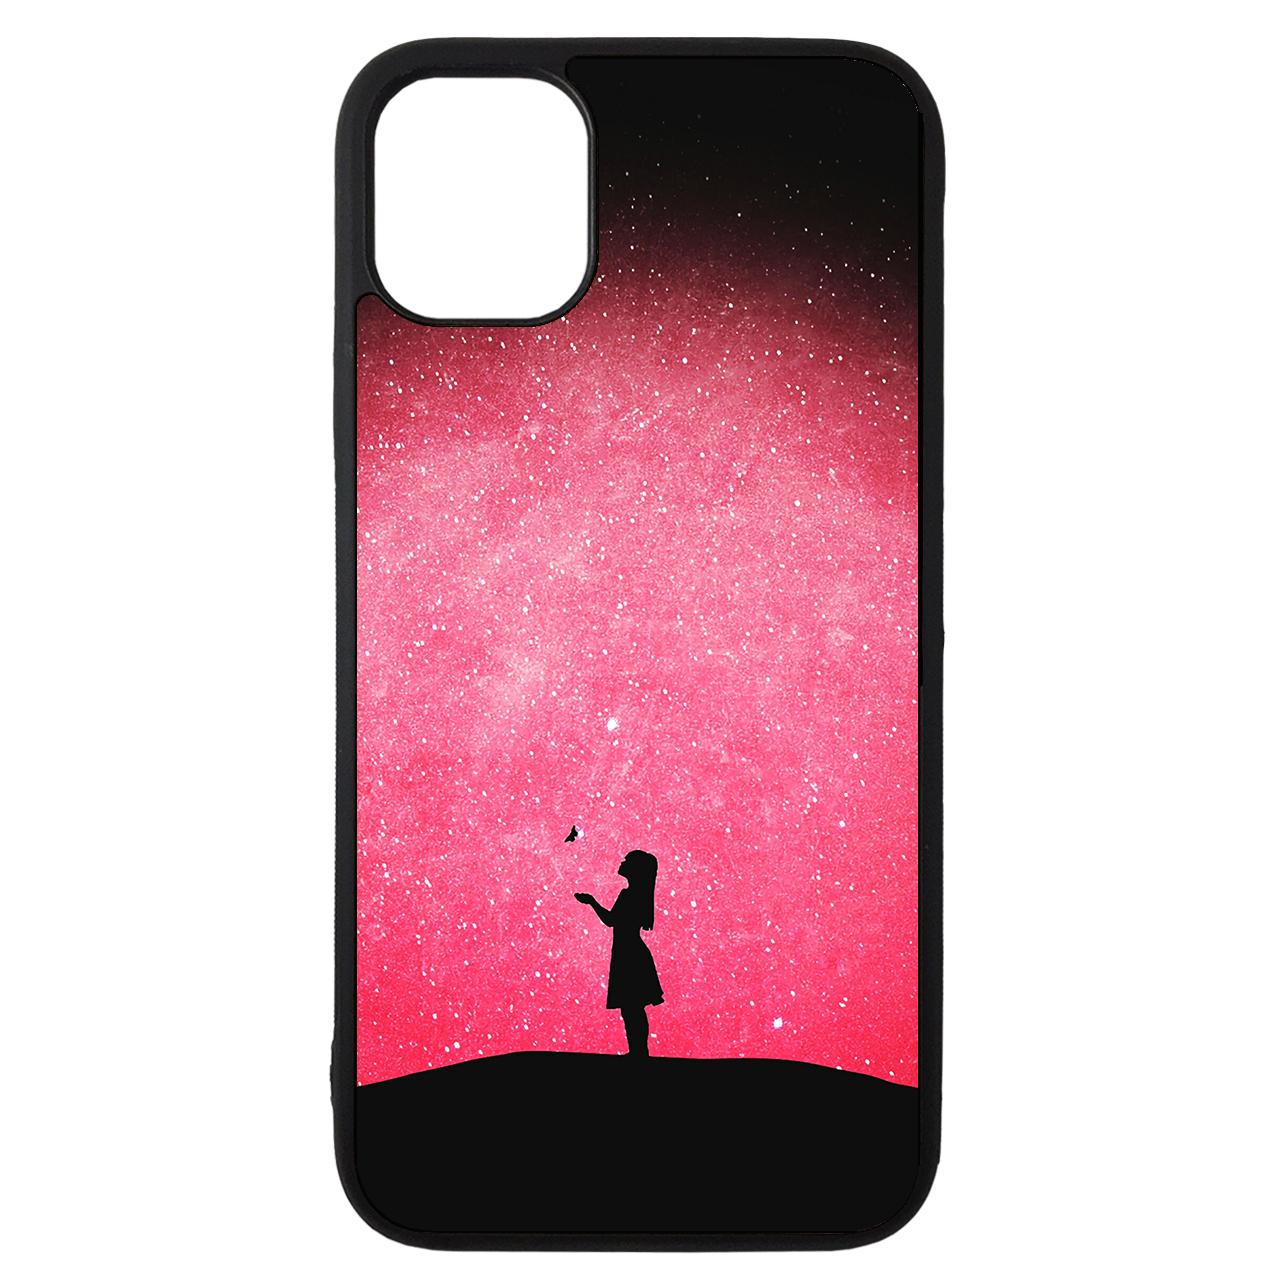 کاور طرح دختر کد 43201 مناسب برای گوشی موبایل اپل iphone 11 Pro